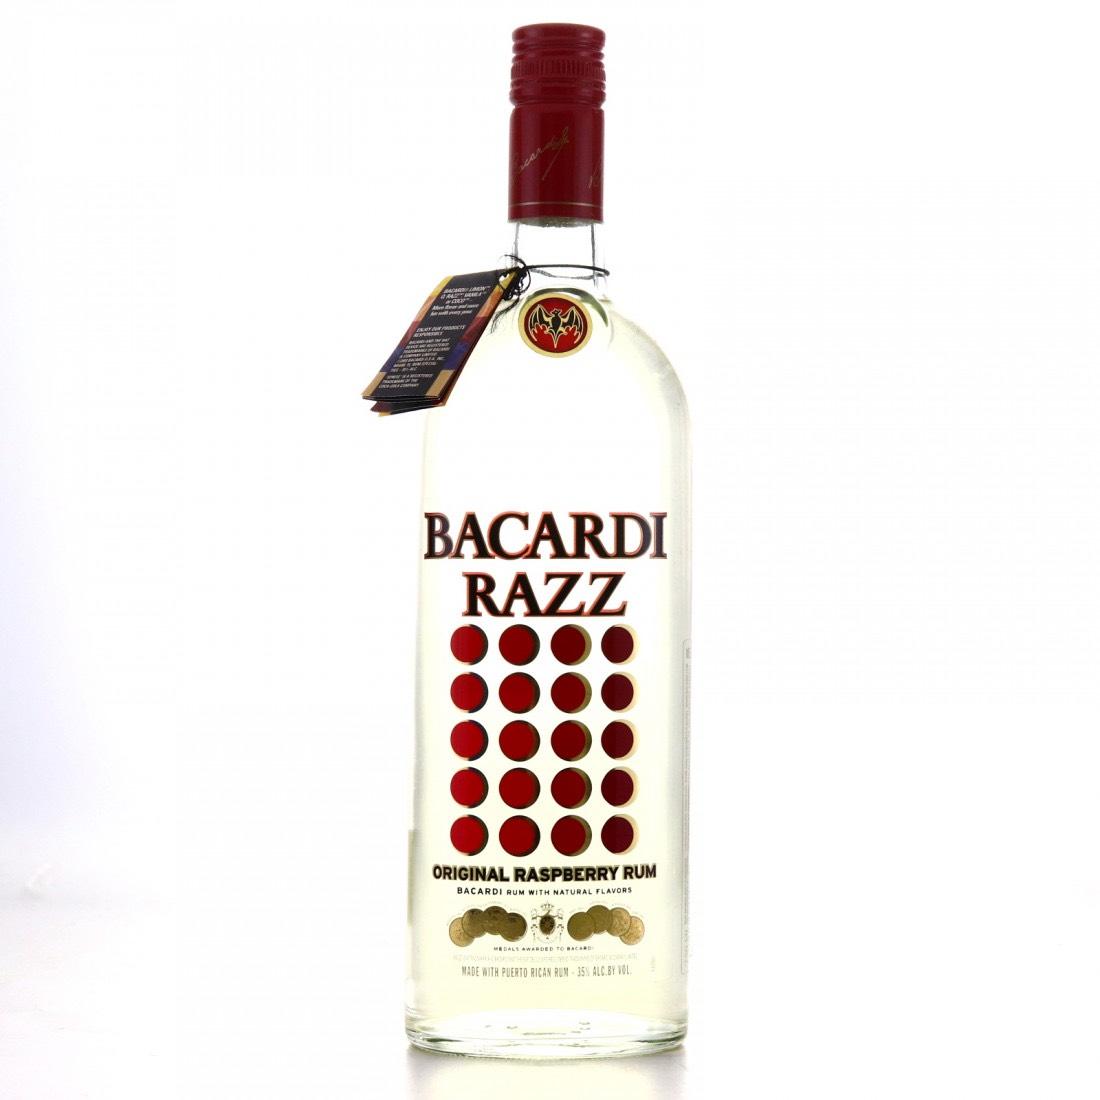 Bottle image of Bacardi Razz